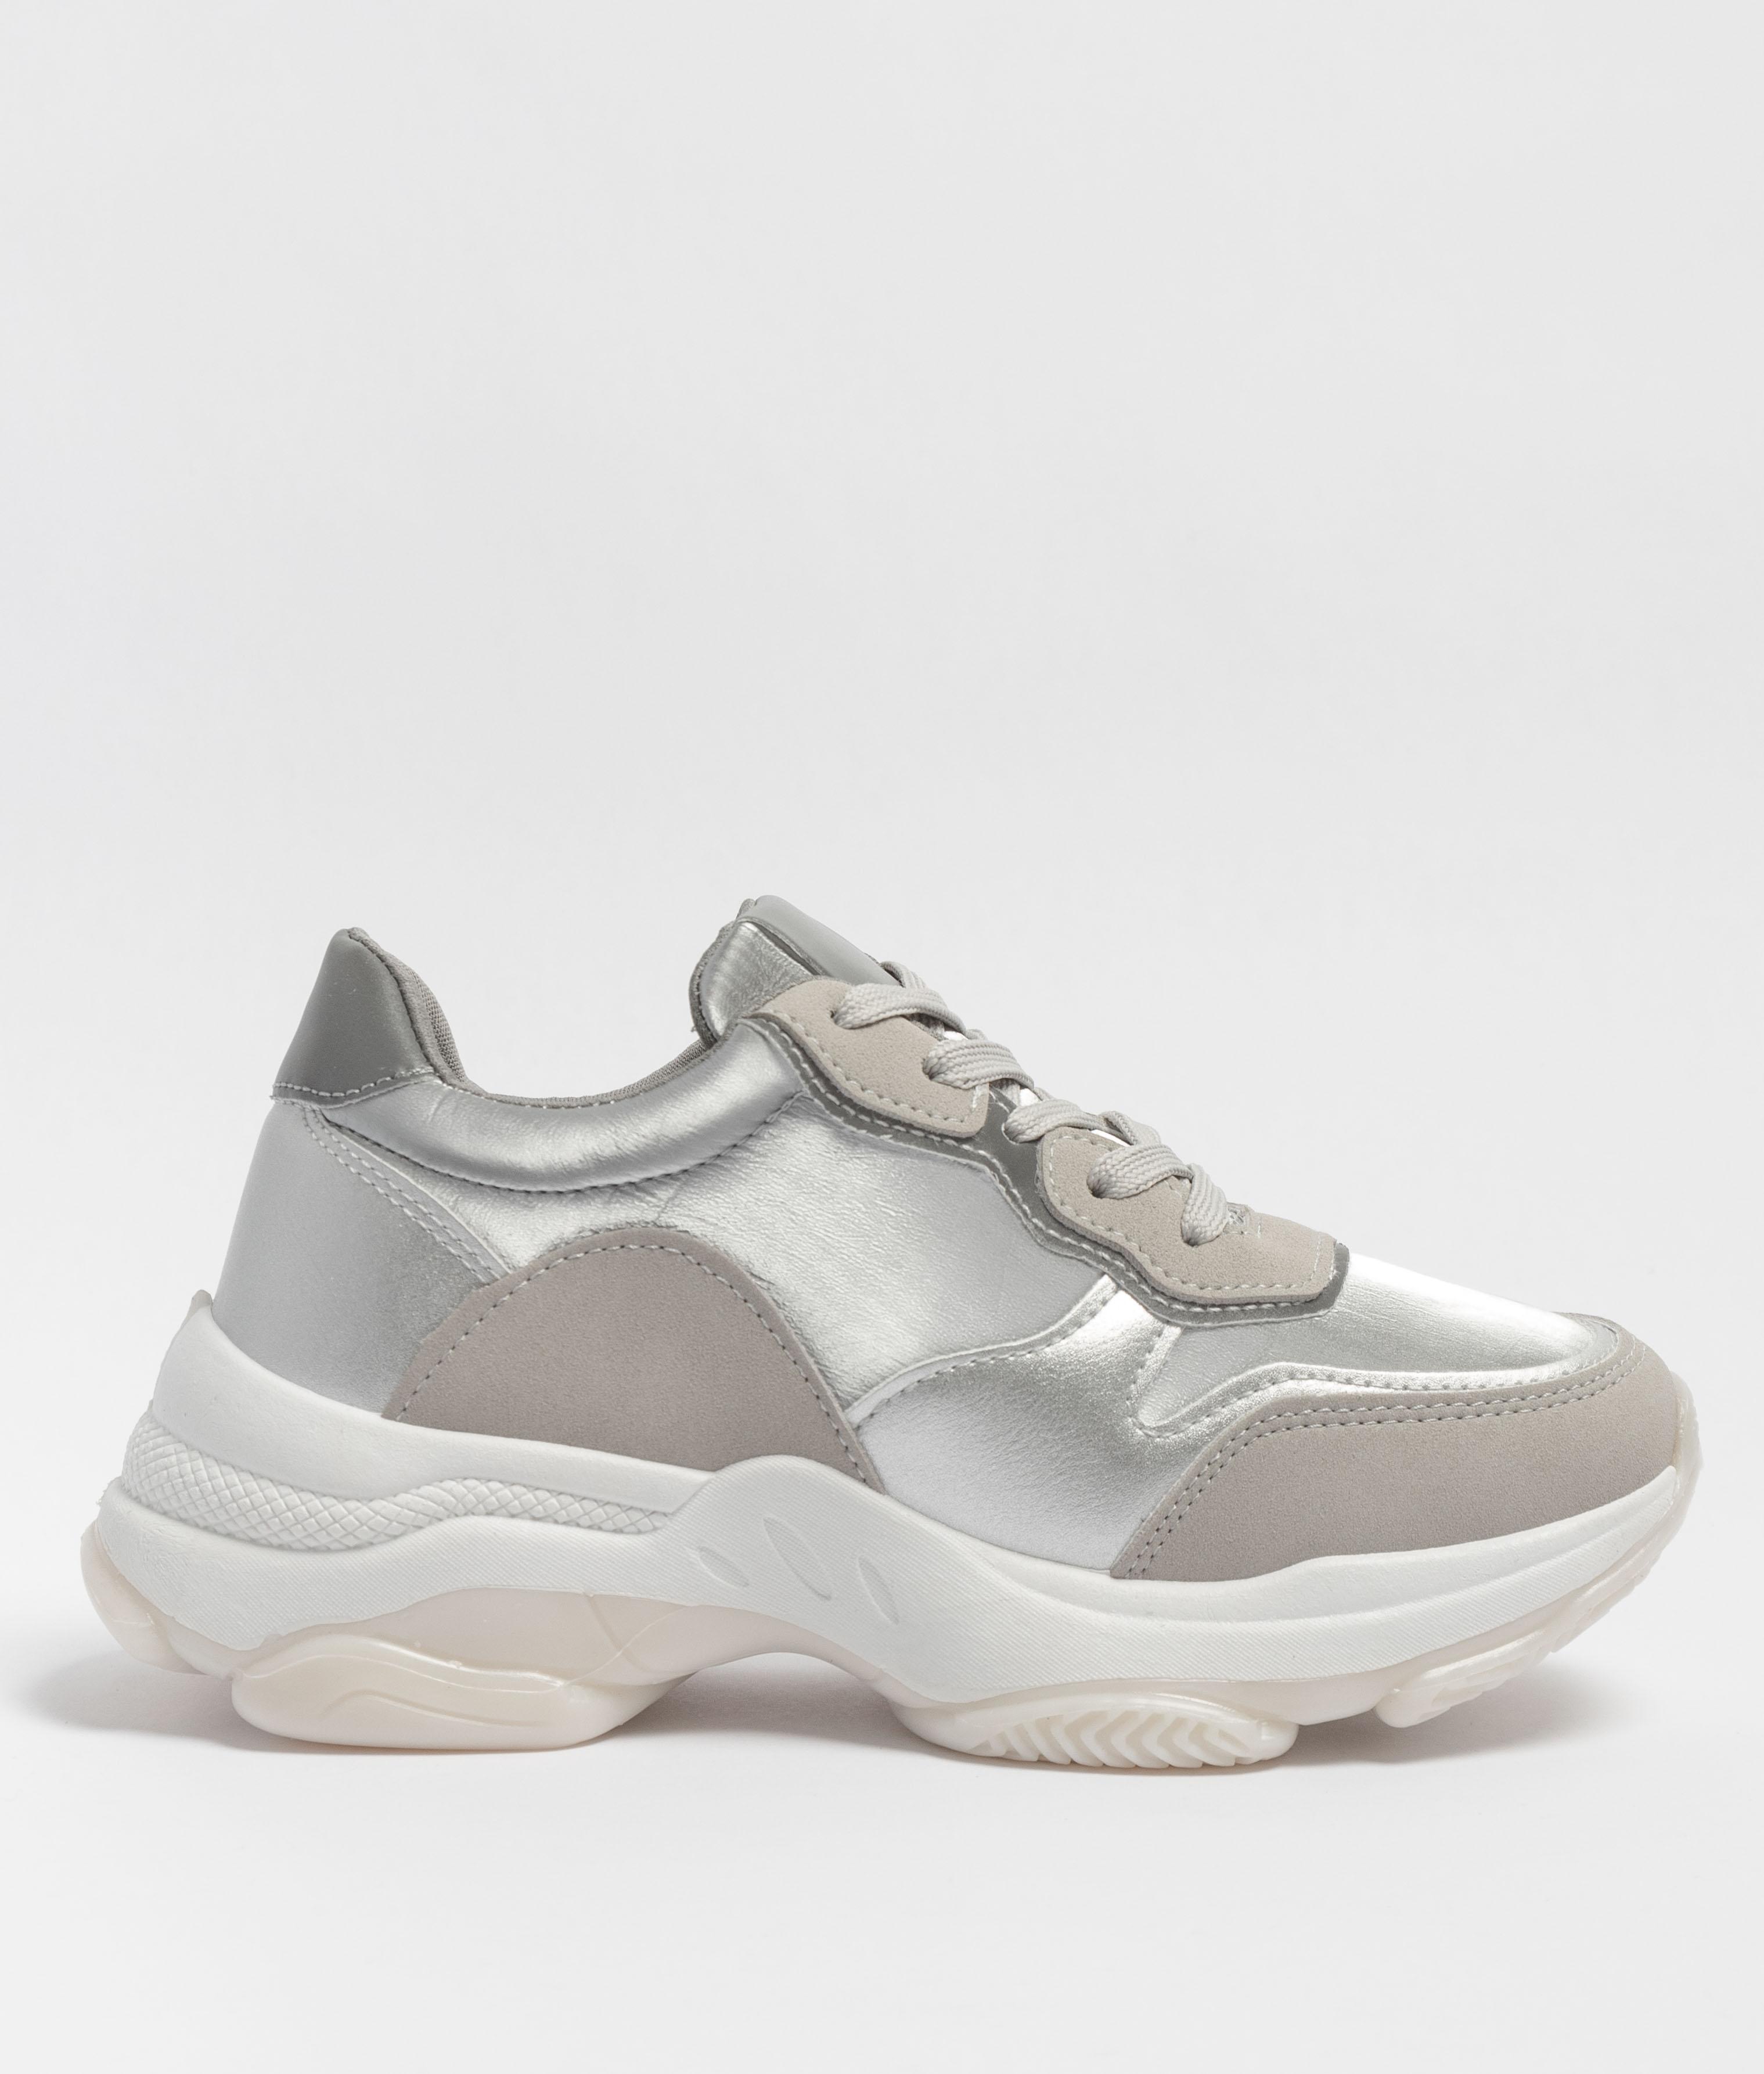 Sneakers Versus - Argent